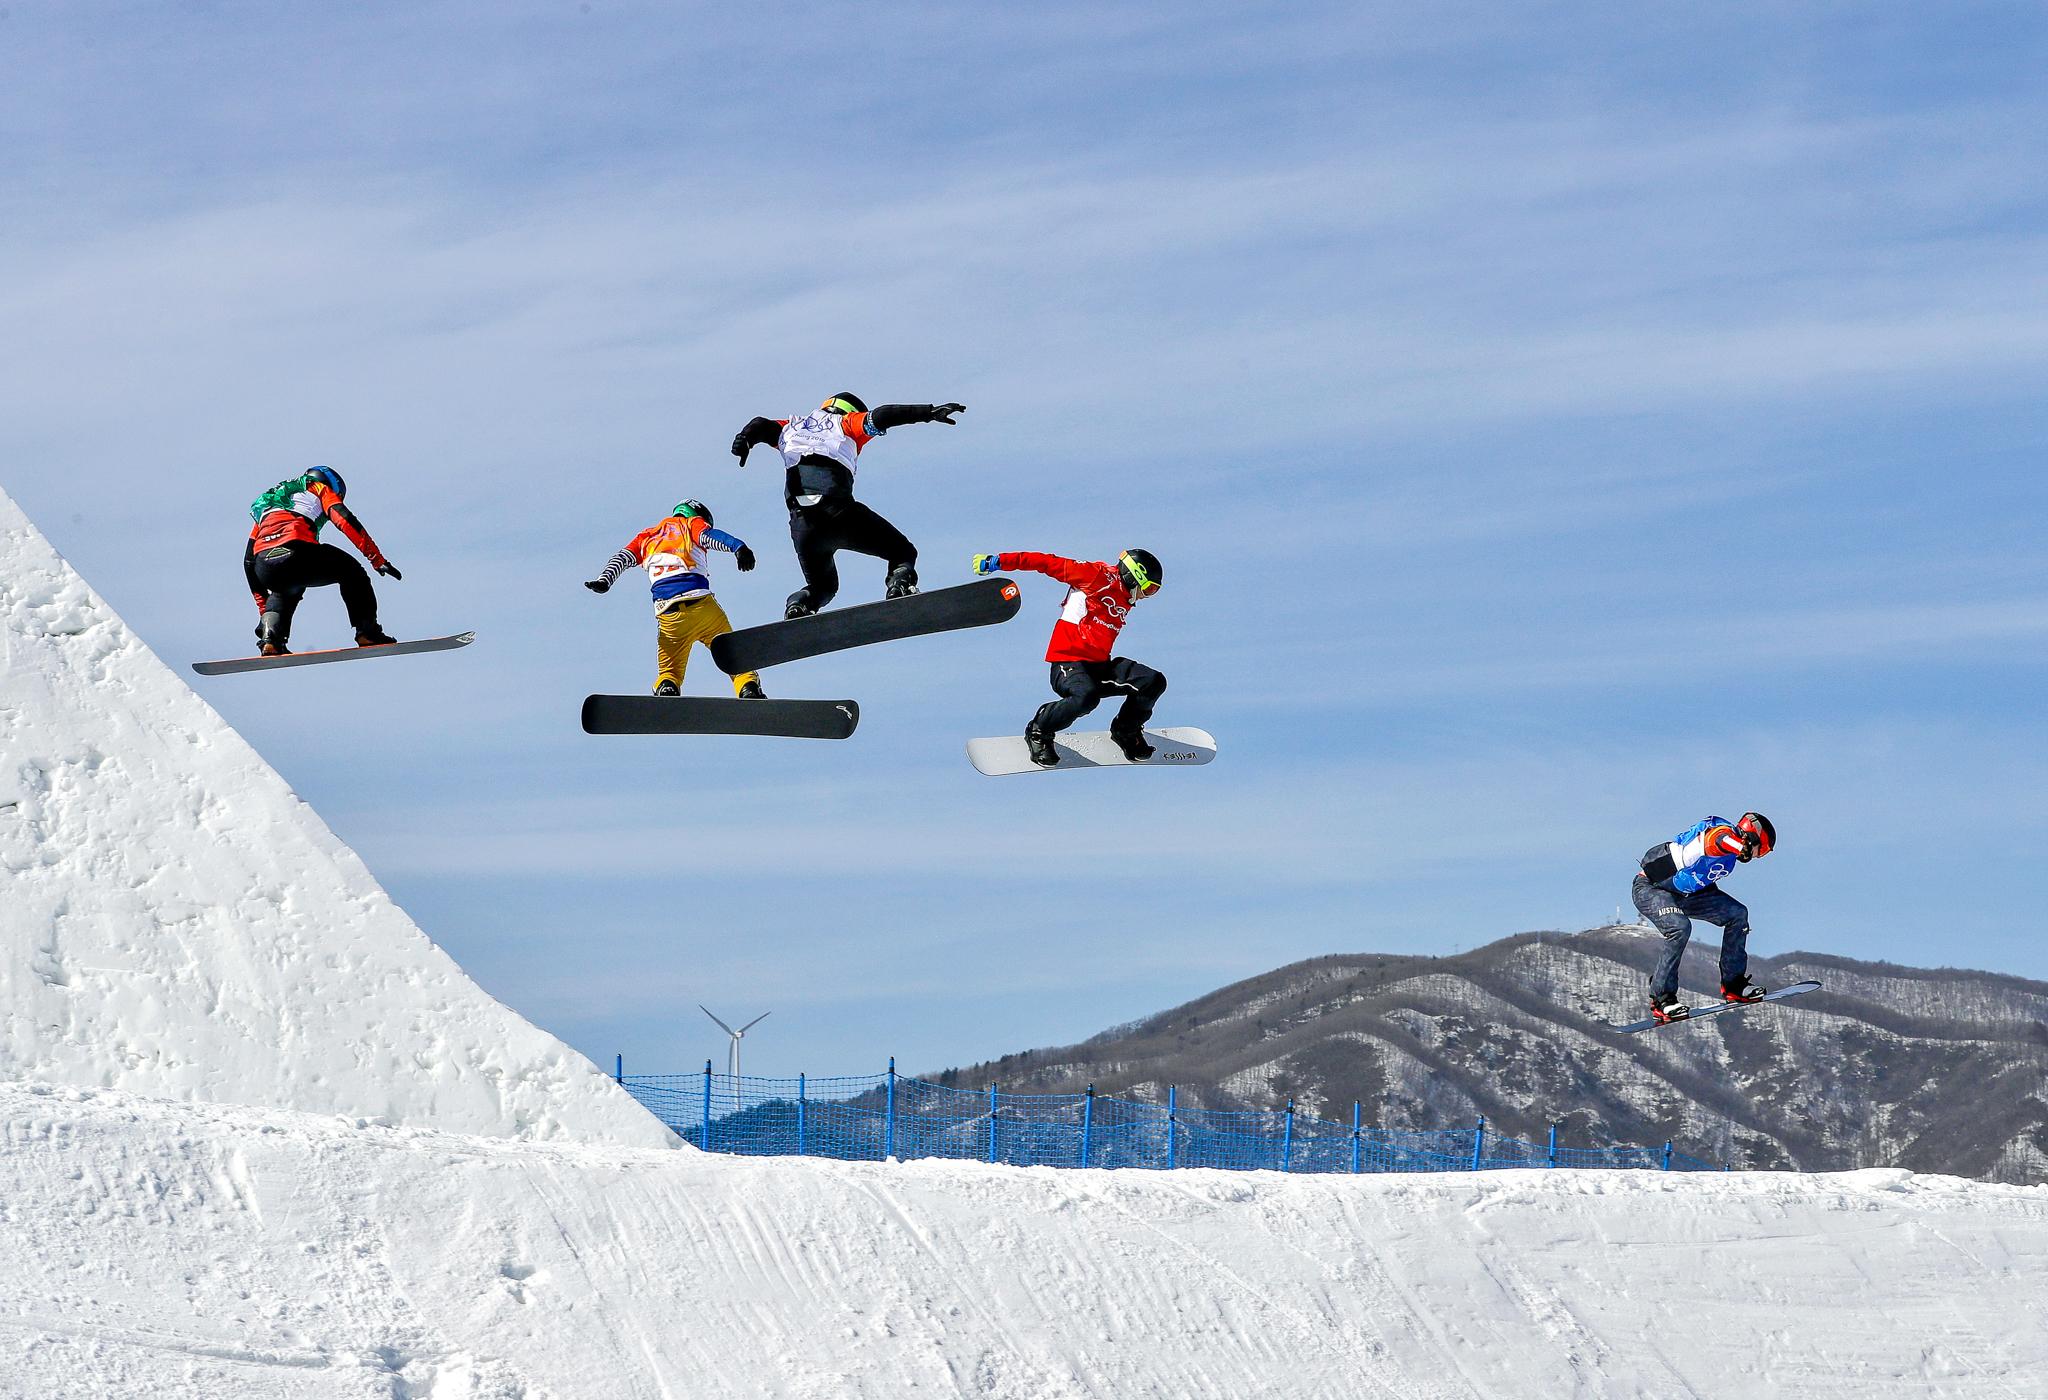 Cinco atletas de snowboard em pleno ar (© Kin Cheung/AP Images)